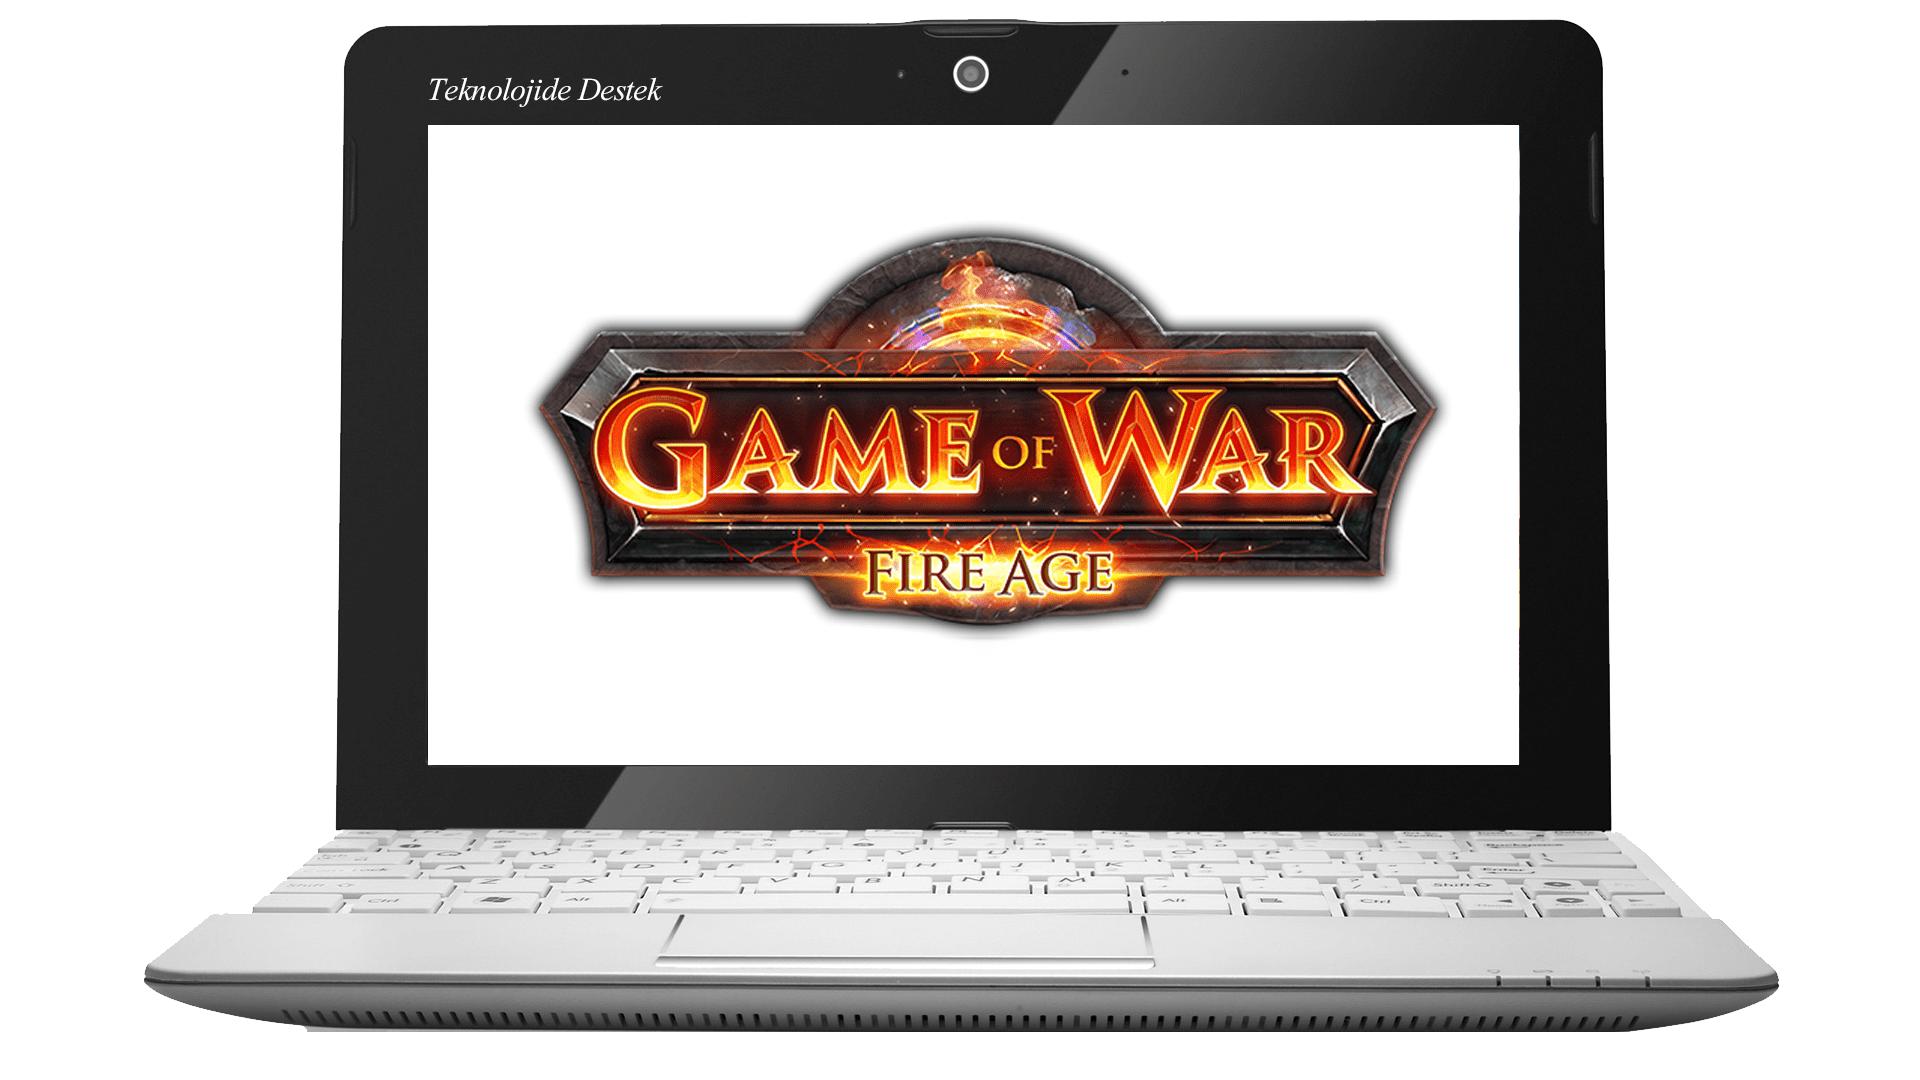 AndyDroid, AndyDroid indir, AndyDroid Nedir, AndyDroid Nasıl Yüklenir, AndyDroid ile Uygulama Yükleme, Game of War - Fire Age Bilgisayara Nasıl Yüklenir, Game of War Fire Age On PC, Game of War Fire Age On Computer, Game of War Fire Age Bilgisayara Yüklemek, Bilgisayara Game of War Fire Age Yüklemek, Game of War Fire Age Bilgisayara Nasıl Yüklenir, Bilgisayara Game of War Fire Age Nasıl Yüklenir,